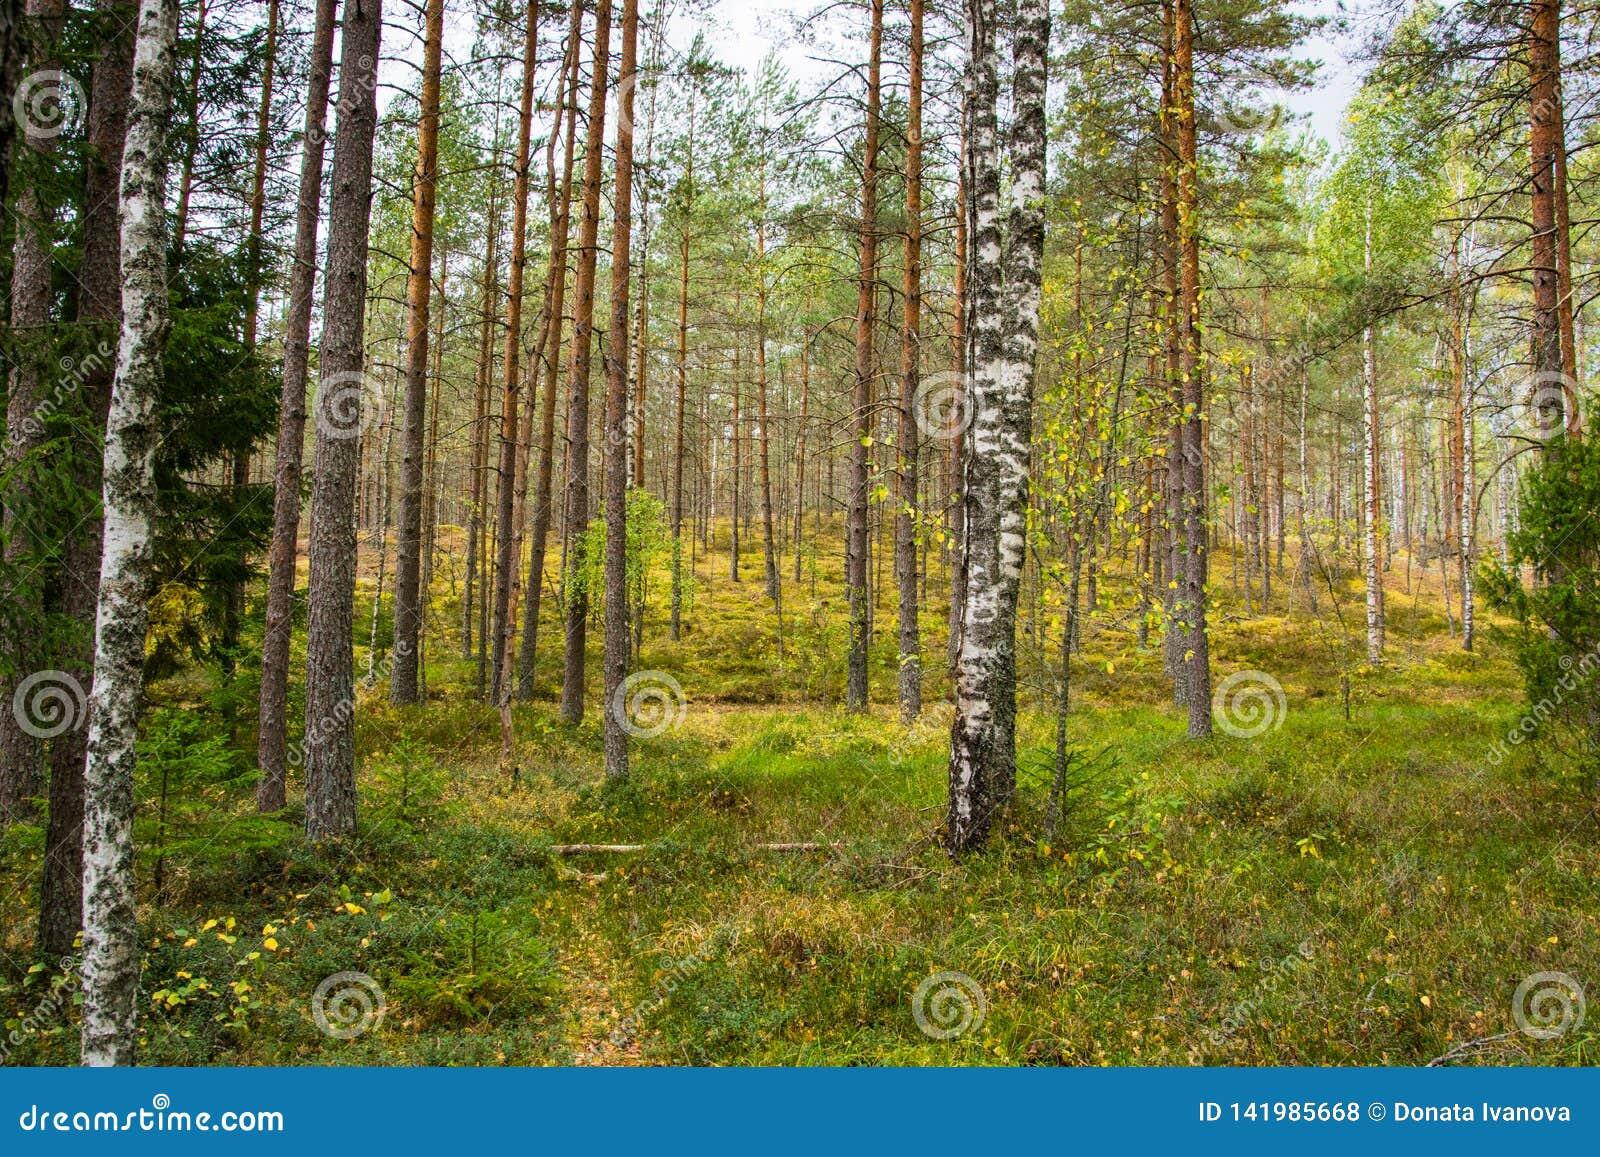 Autumn Forest Nature Le matin vif dans la forêt colorée avec le soleil rayonne par des branches des arbres